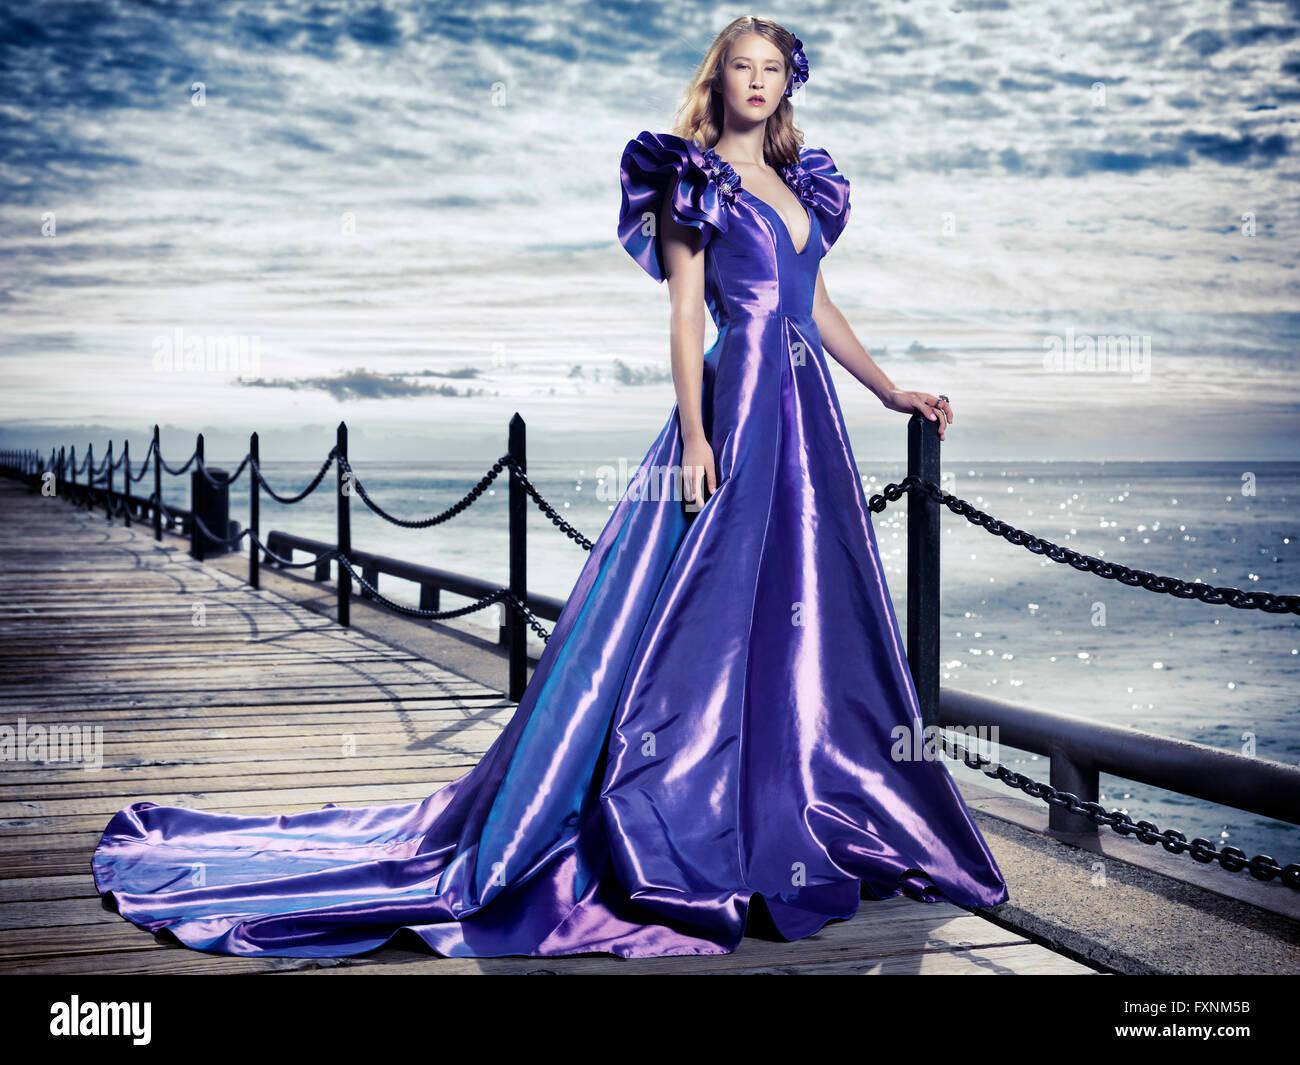 Jeune femme portant une robe du soir, à bord de l'eau, fashion portrait Photo Stock